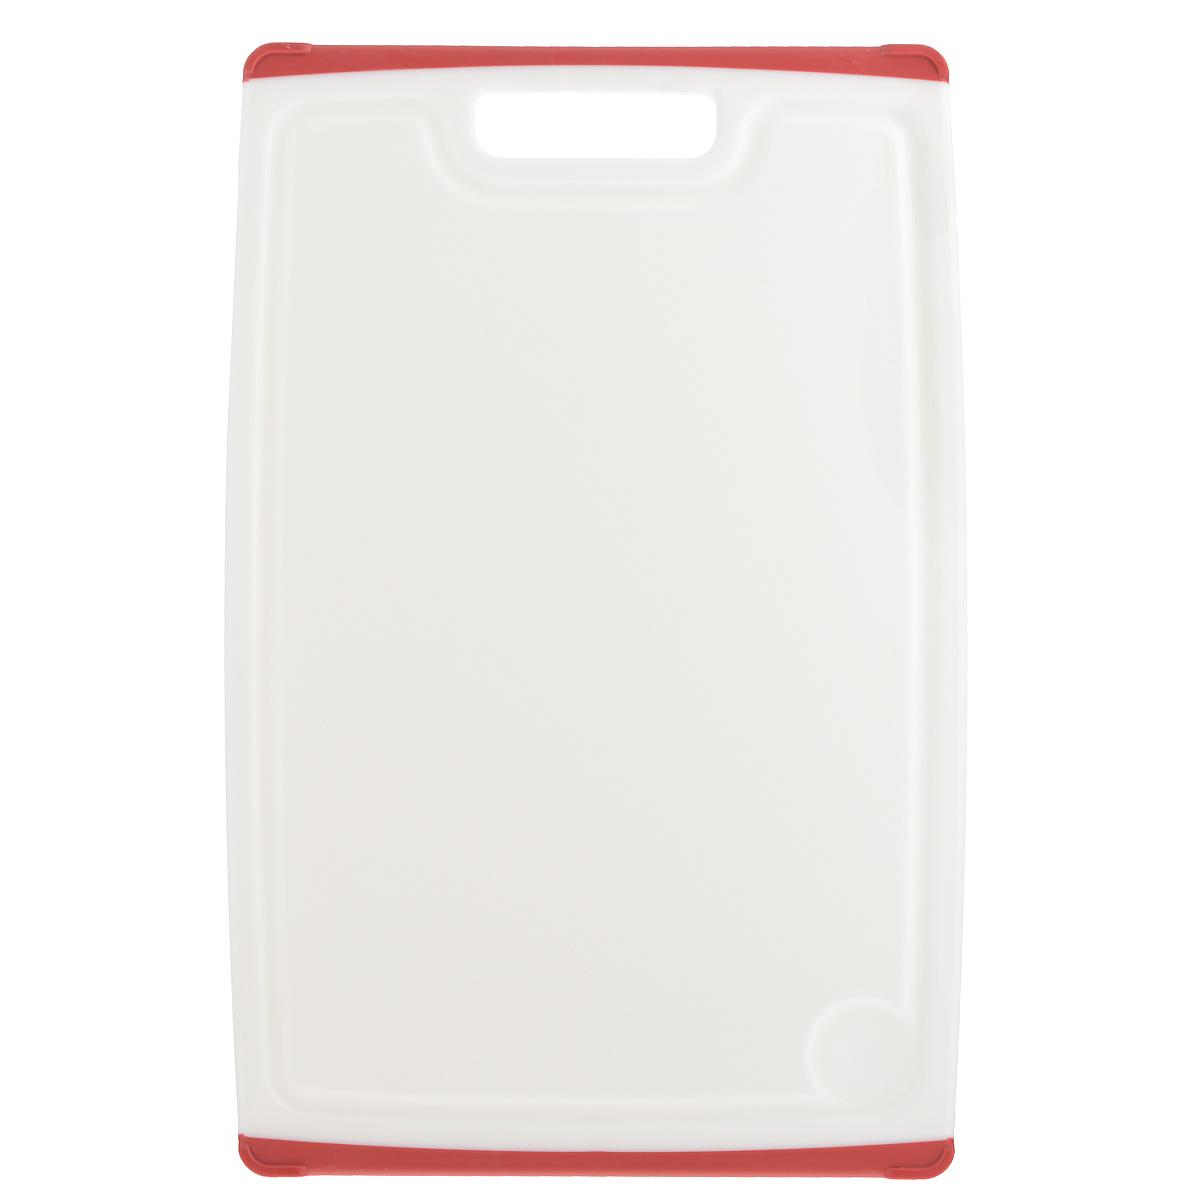 Доска разделочная Tescoma Cosmo, цвет: красный, 40 см х 26 см379216Разделочная доска Tescoma Cosmo, изготовленная из высококачественного прочного пластика, станет незаменимым атрибутом приготовления пищи. Она идеально подходит для разделки мяса, рыбы, приготовления теста и нарезки любых продуктов. А особый дизайн краев с желобком способствует задерживанию жидкостей и остатков продуктов. Изделие оснащено прорезиненными цветными вставками с двух сторон для предотвращения скольжения по столу. Доска предназначена дляежедневного интенсивного использования. Не затупляет лезвия.Современный стильный дизайн и функциональность разделочной доски Tescoma Cosmo, позволит занять ей достойное место на вашей кухне.Можно мыть в посудомоечной машине.